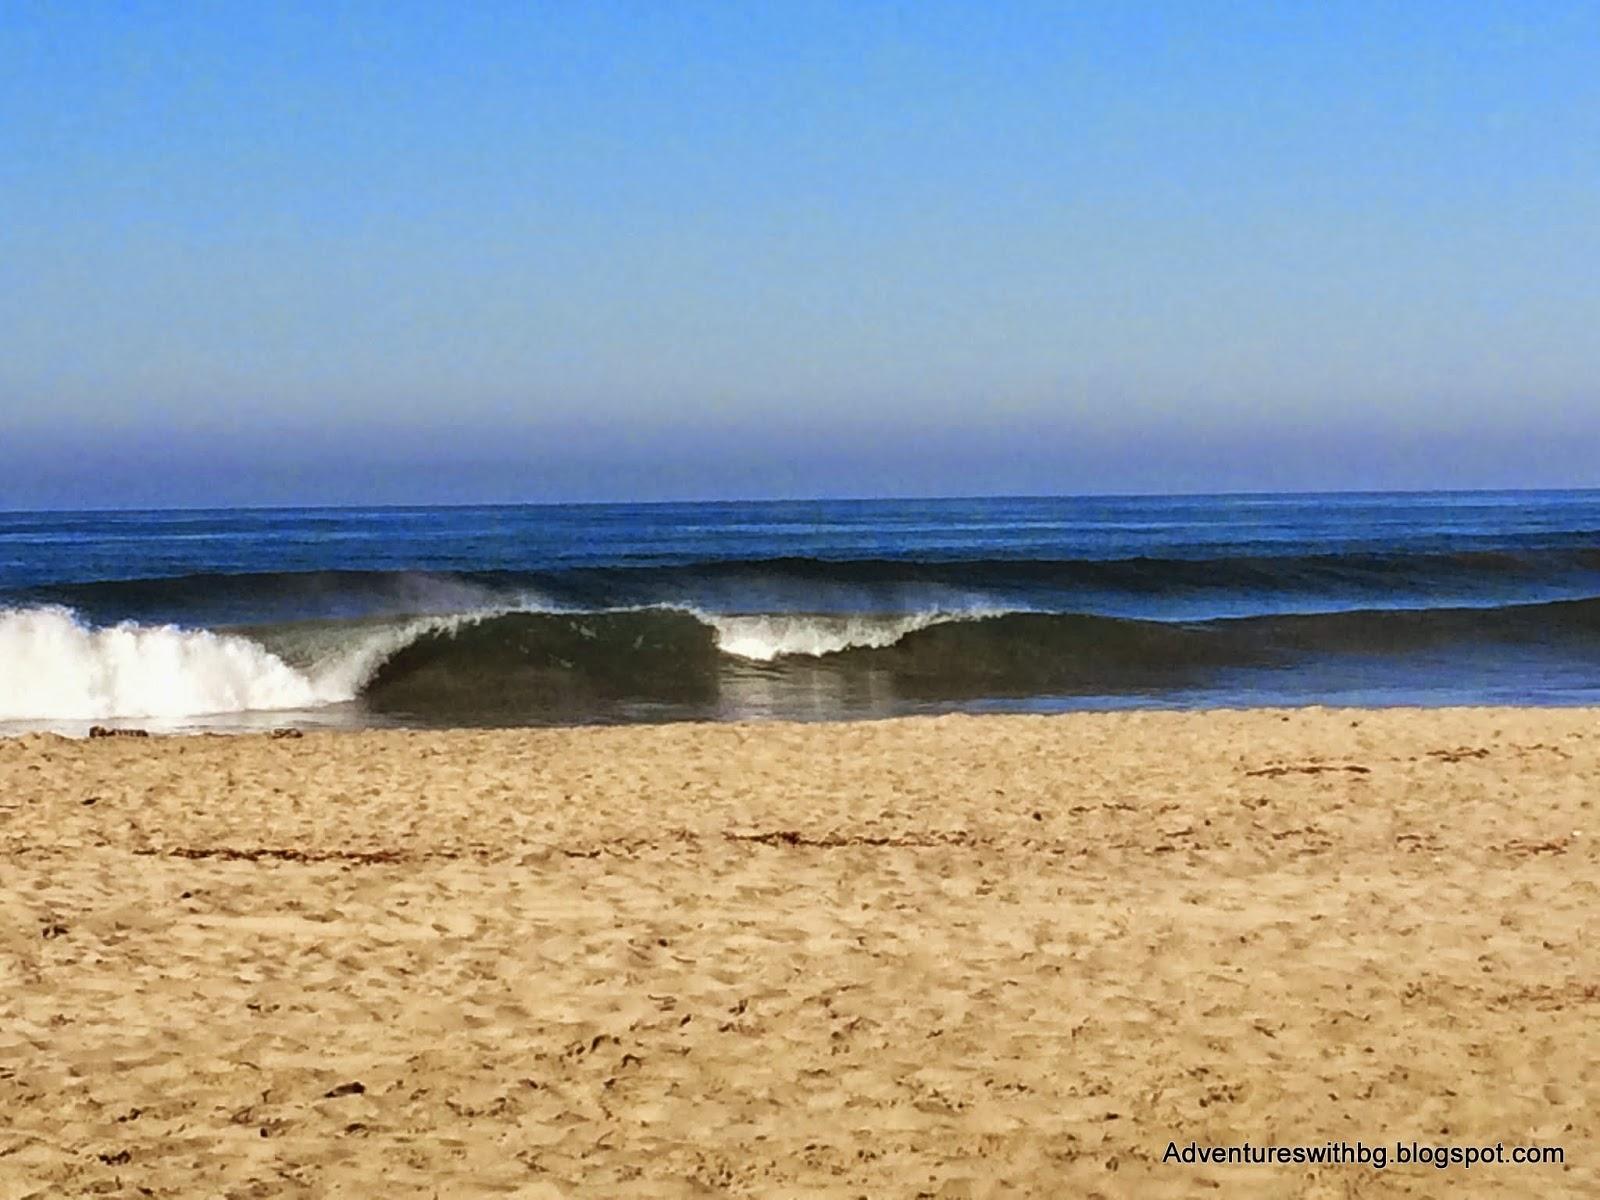 at Frazee beach, CA